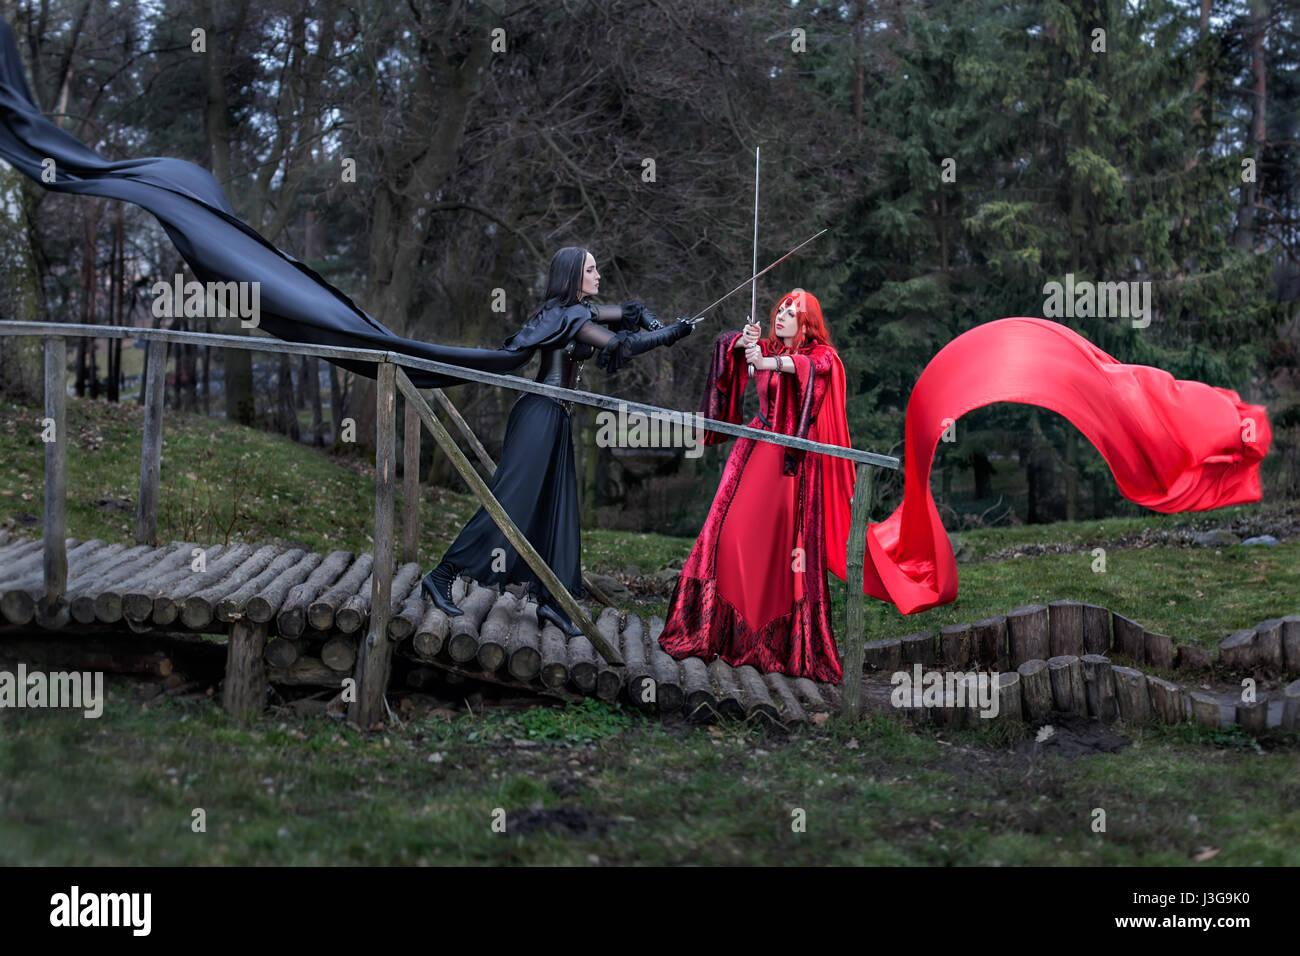 Jeune fille dans une robe vintage rouge épées bat Girl à robe noire ancienne. Photo Stock